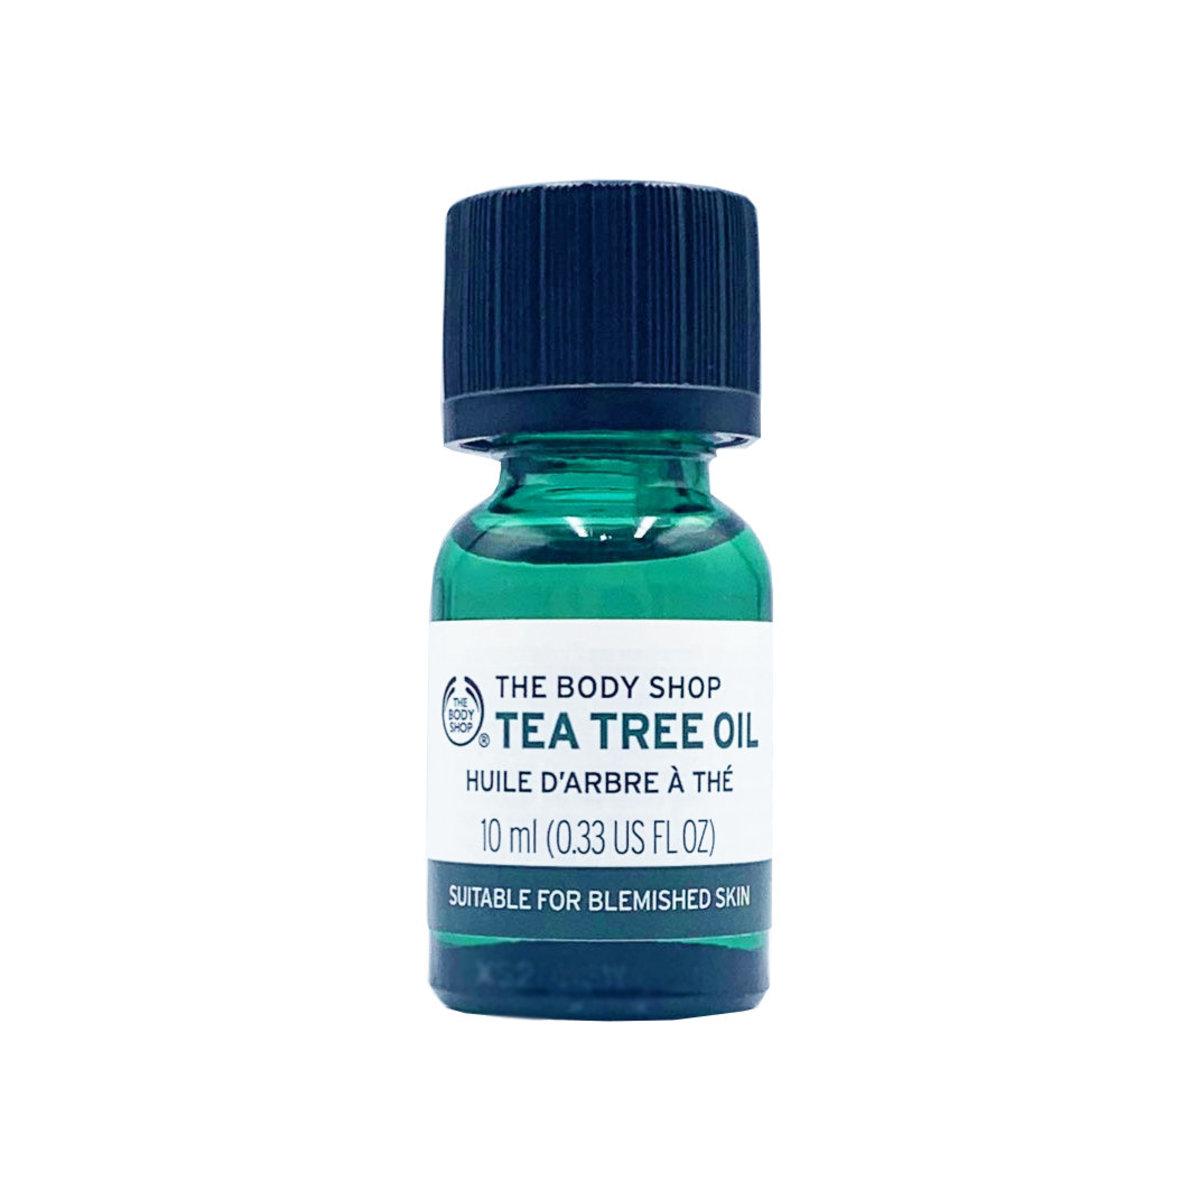 茶樹油 10ml [平行進口]  (5028197972578)